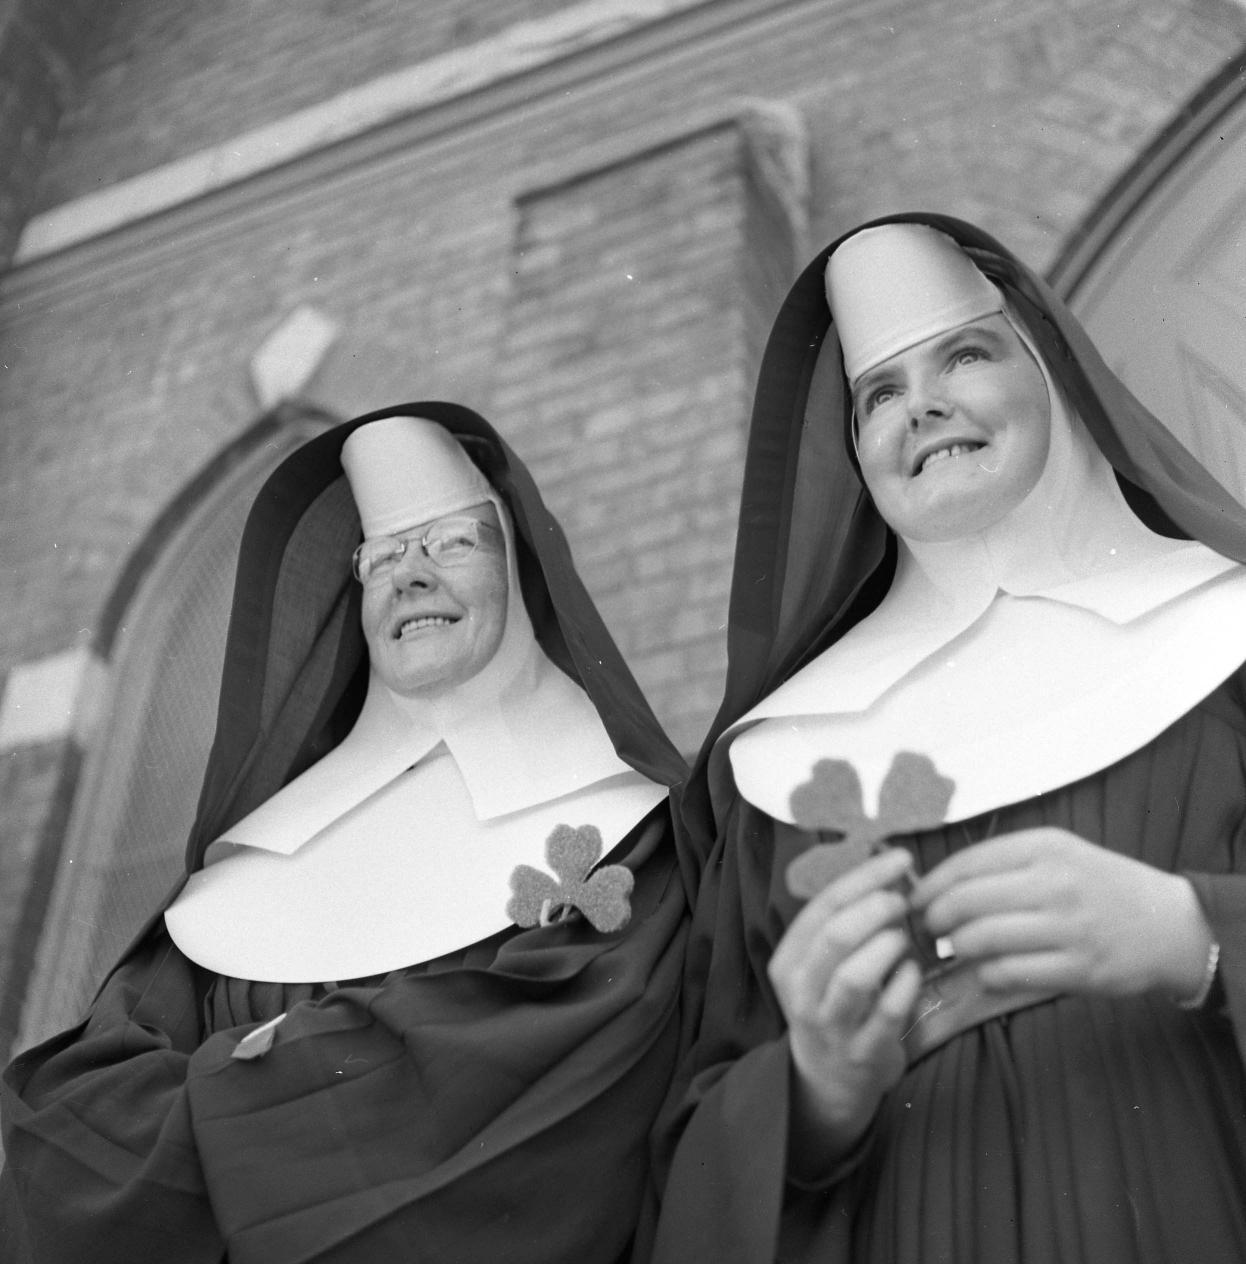 Nuns waved shamrocks in greeting